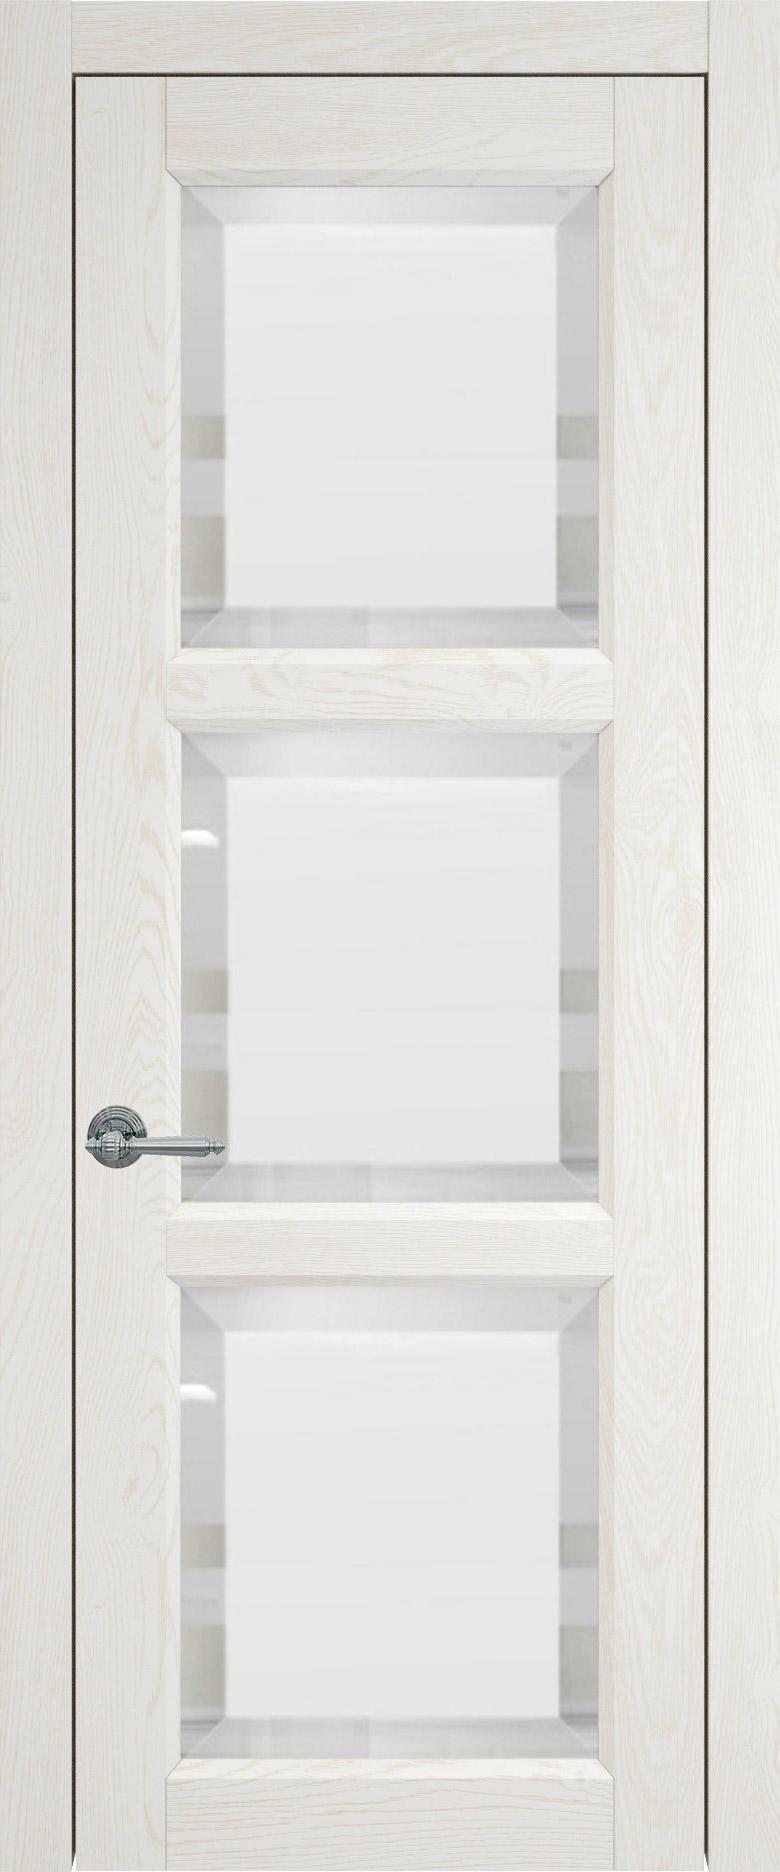 Milano цвет - Белый ясень (nano-flex) Со стеклом (ДО)